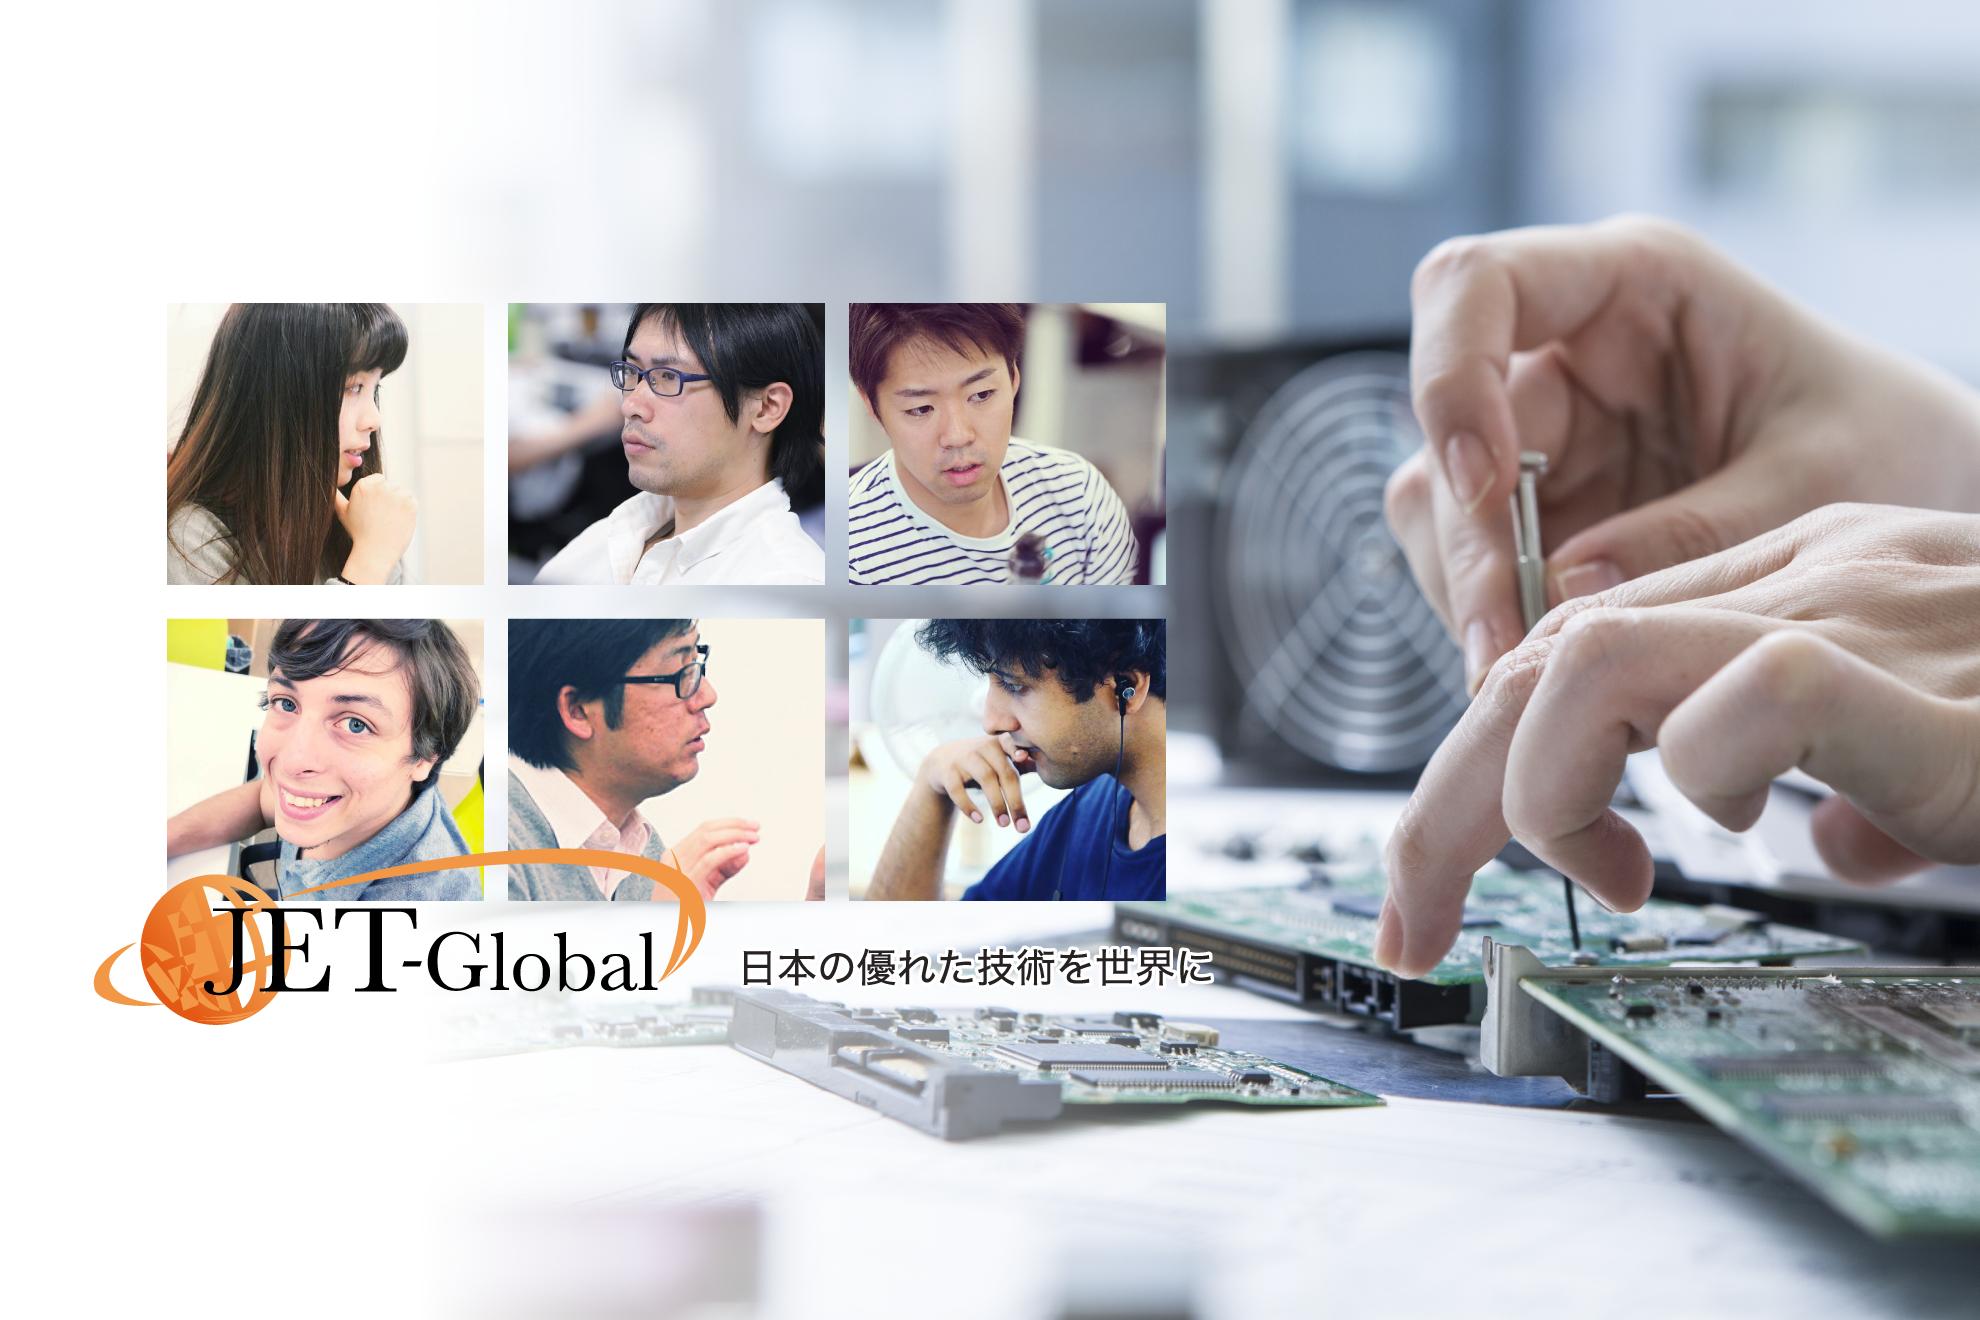 日本の製造業を発信!グローバルECモールのエンジニアを募集‼